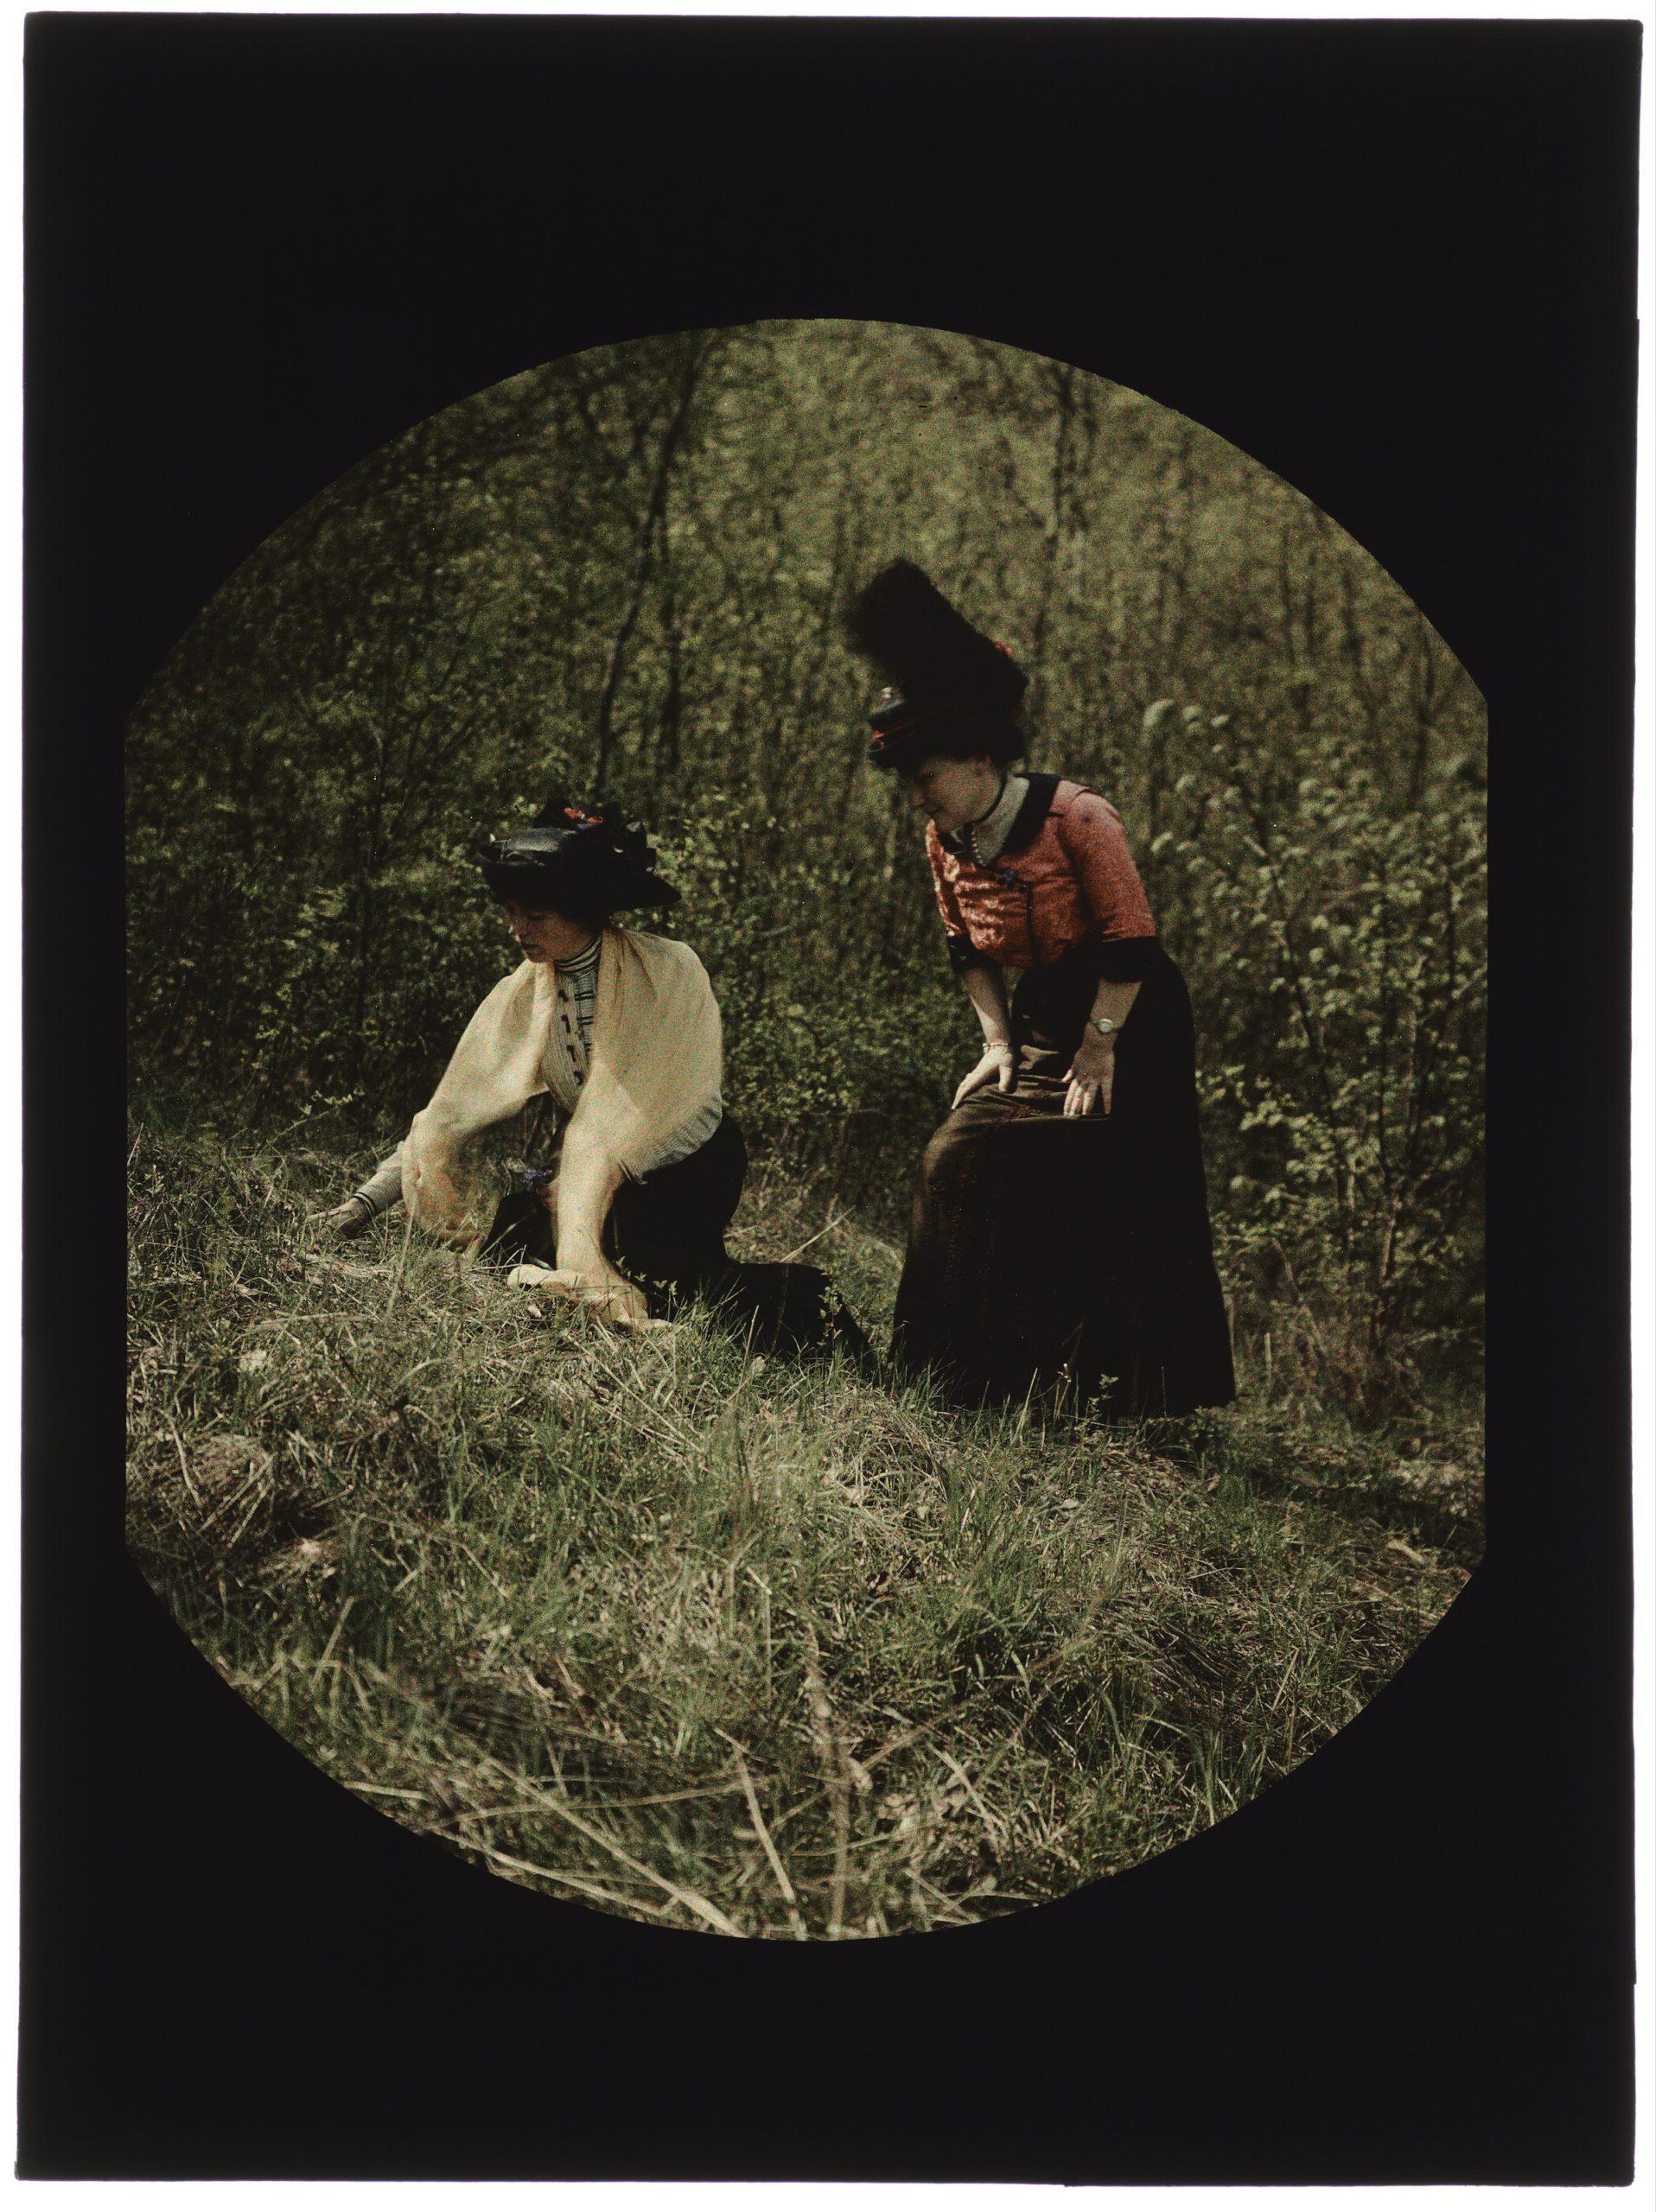 Portrait de deux femmes dans la forêt